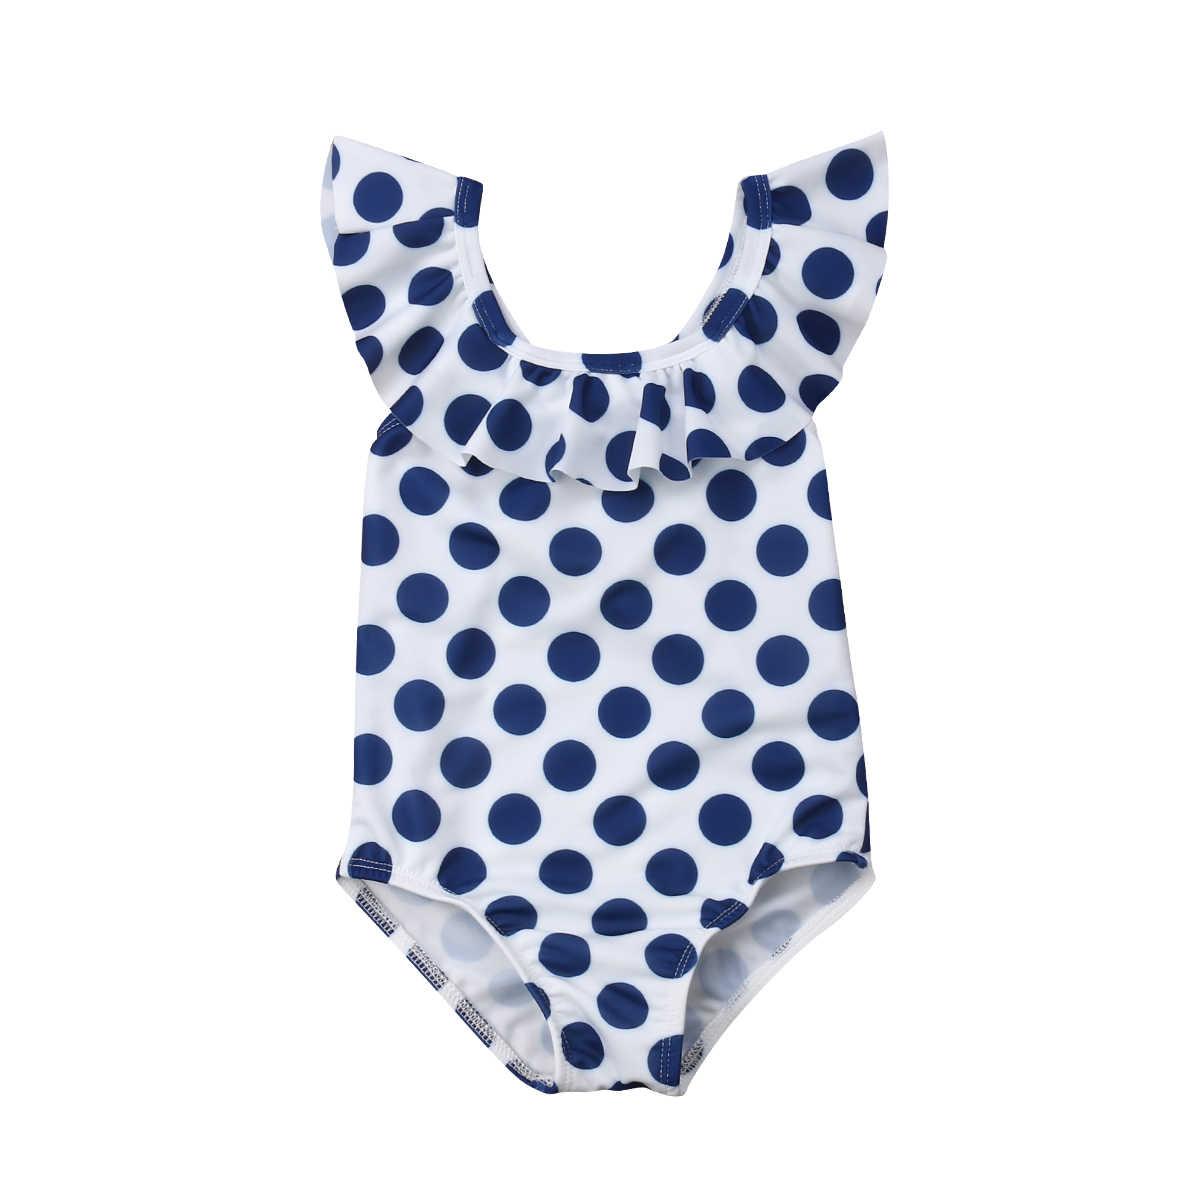 Polka Dot maluch dzieci dziewczynka bez rękawów peleryna kołnierz pływanie stroje kąpielowe kostium kąpielowy strój kąpielowy strój kąpielowy kostium